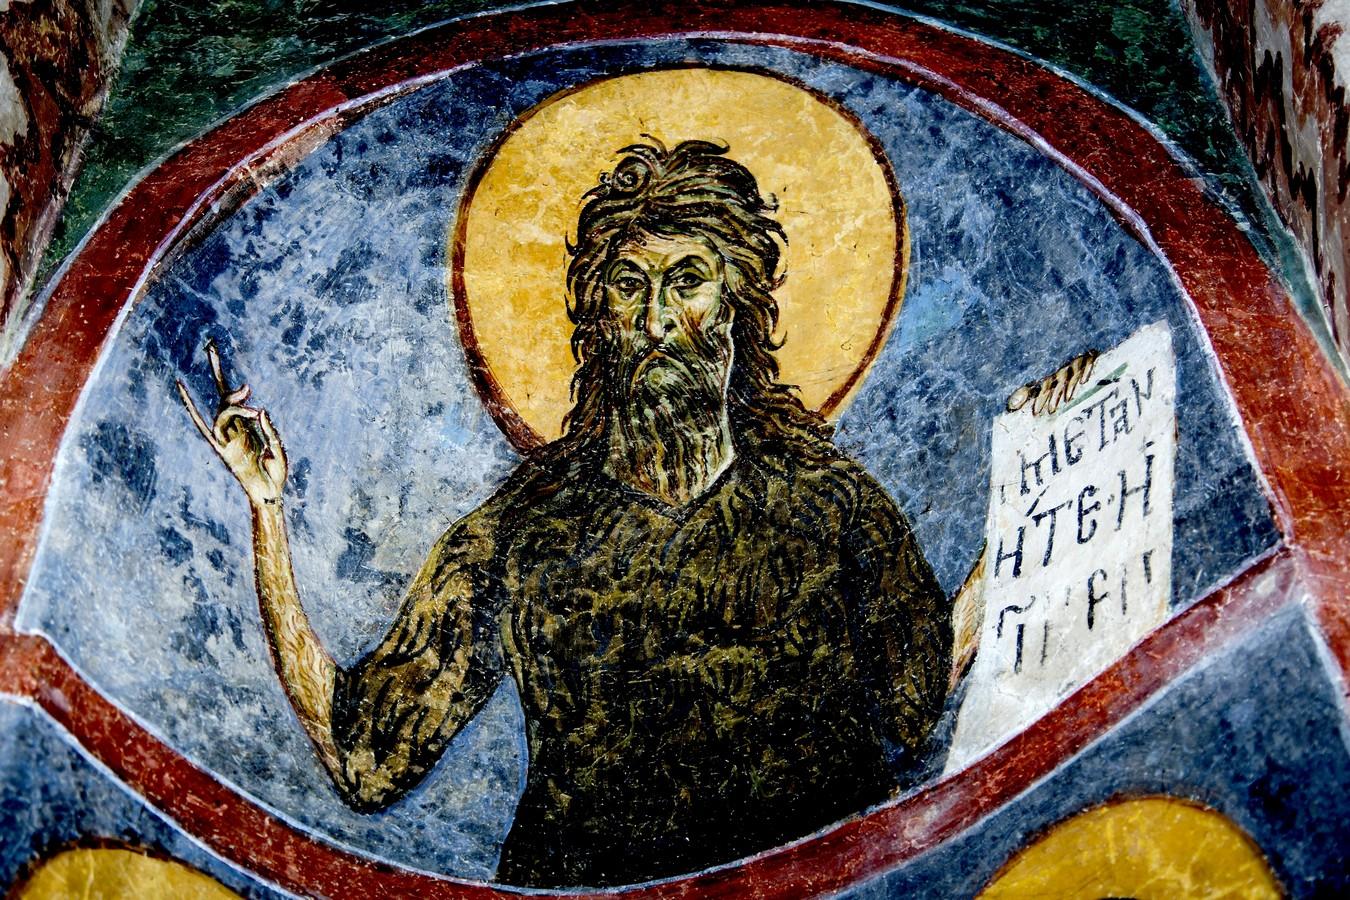 Святой Пророк, Предтеча и Креститель Господень Иоанн. Фреска монастыря Святого Пантелеимона в Нерези близ Скопье, Македония. 1164 год.